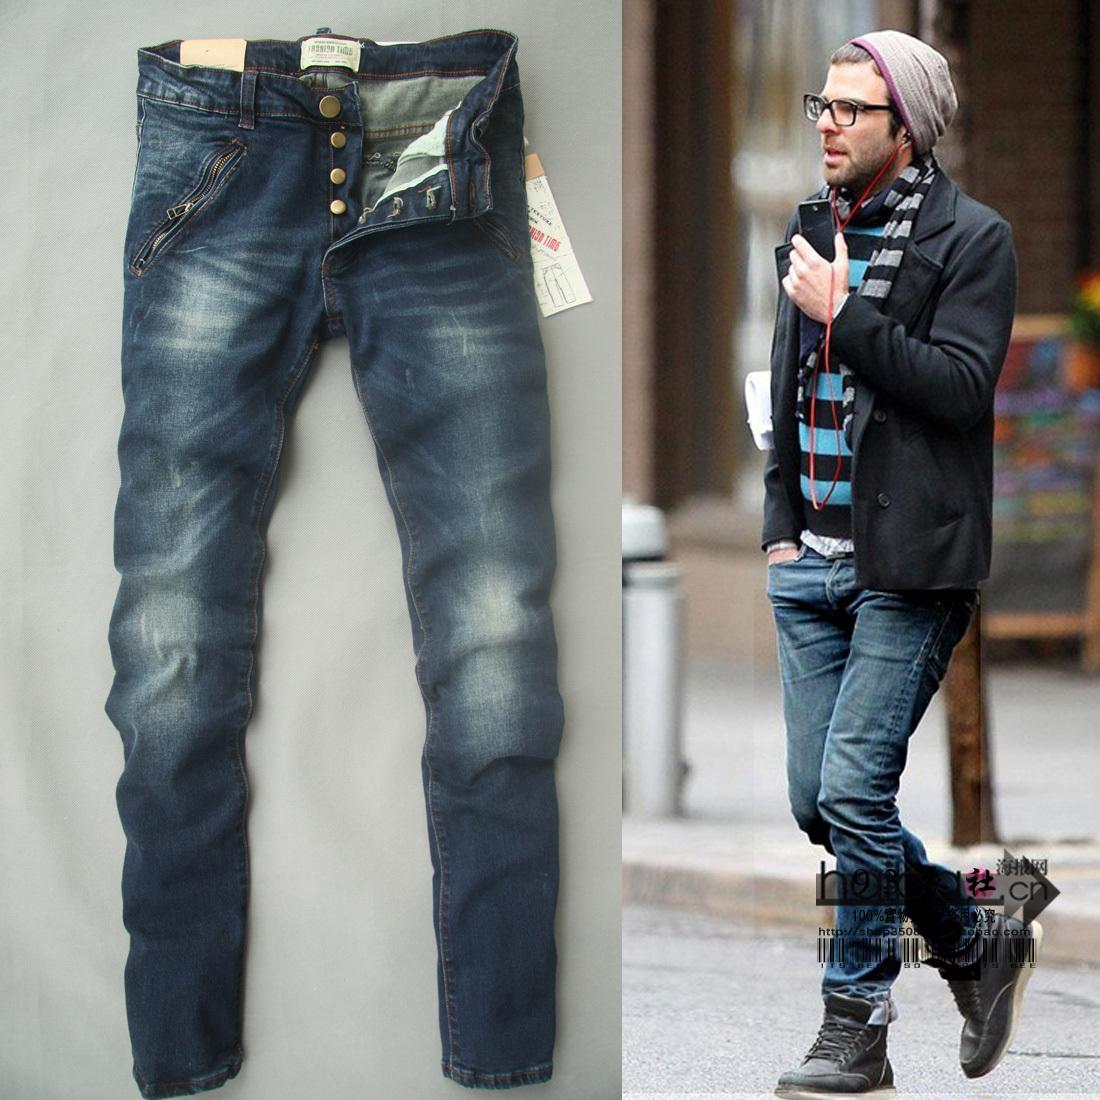 Джинсы мужские Others Зауженные книзу (окружность голени>окружности отворота) Классическая джинсовая ткань Модная одежда для отдыха 2012